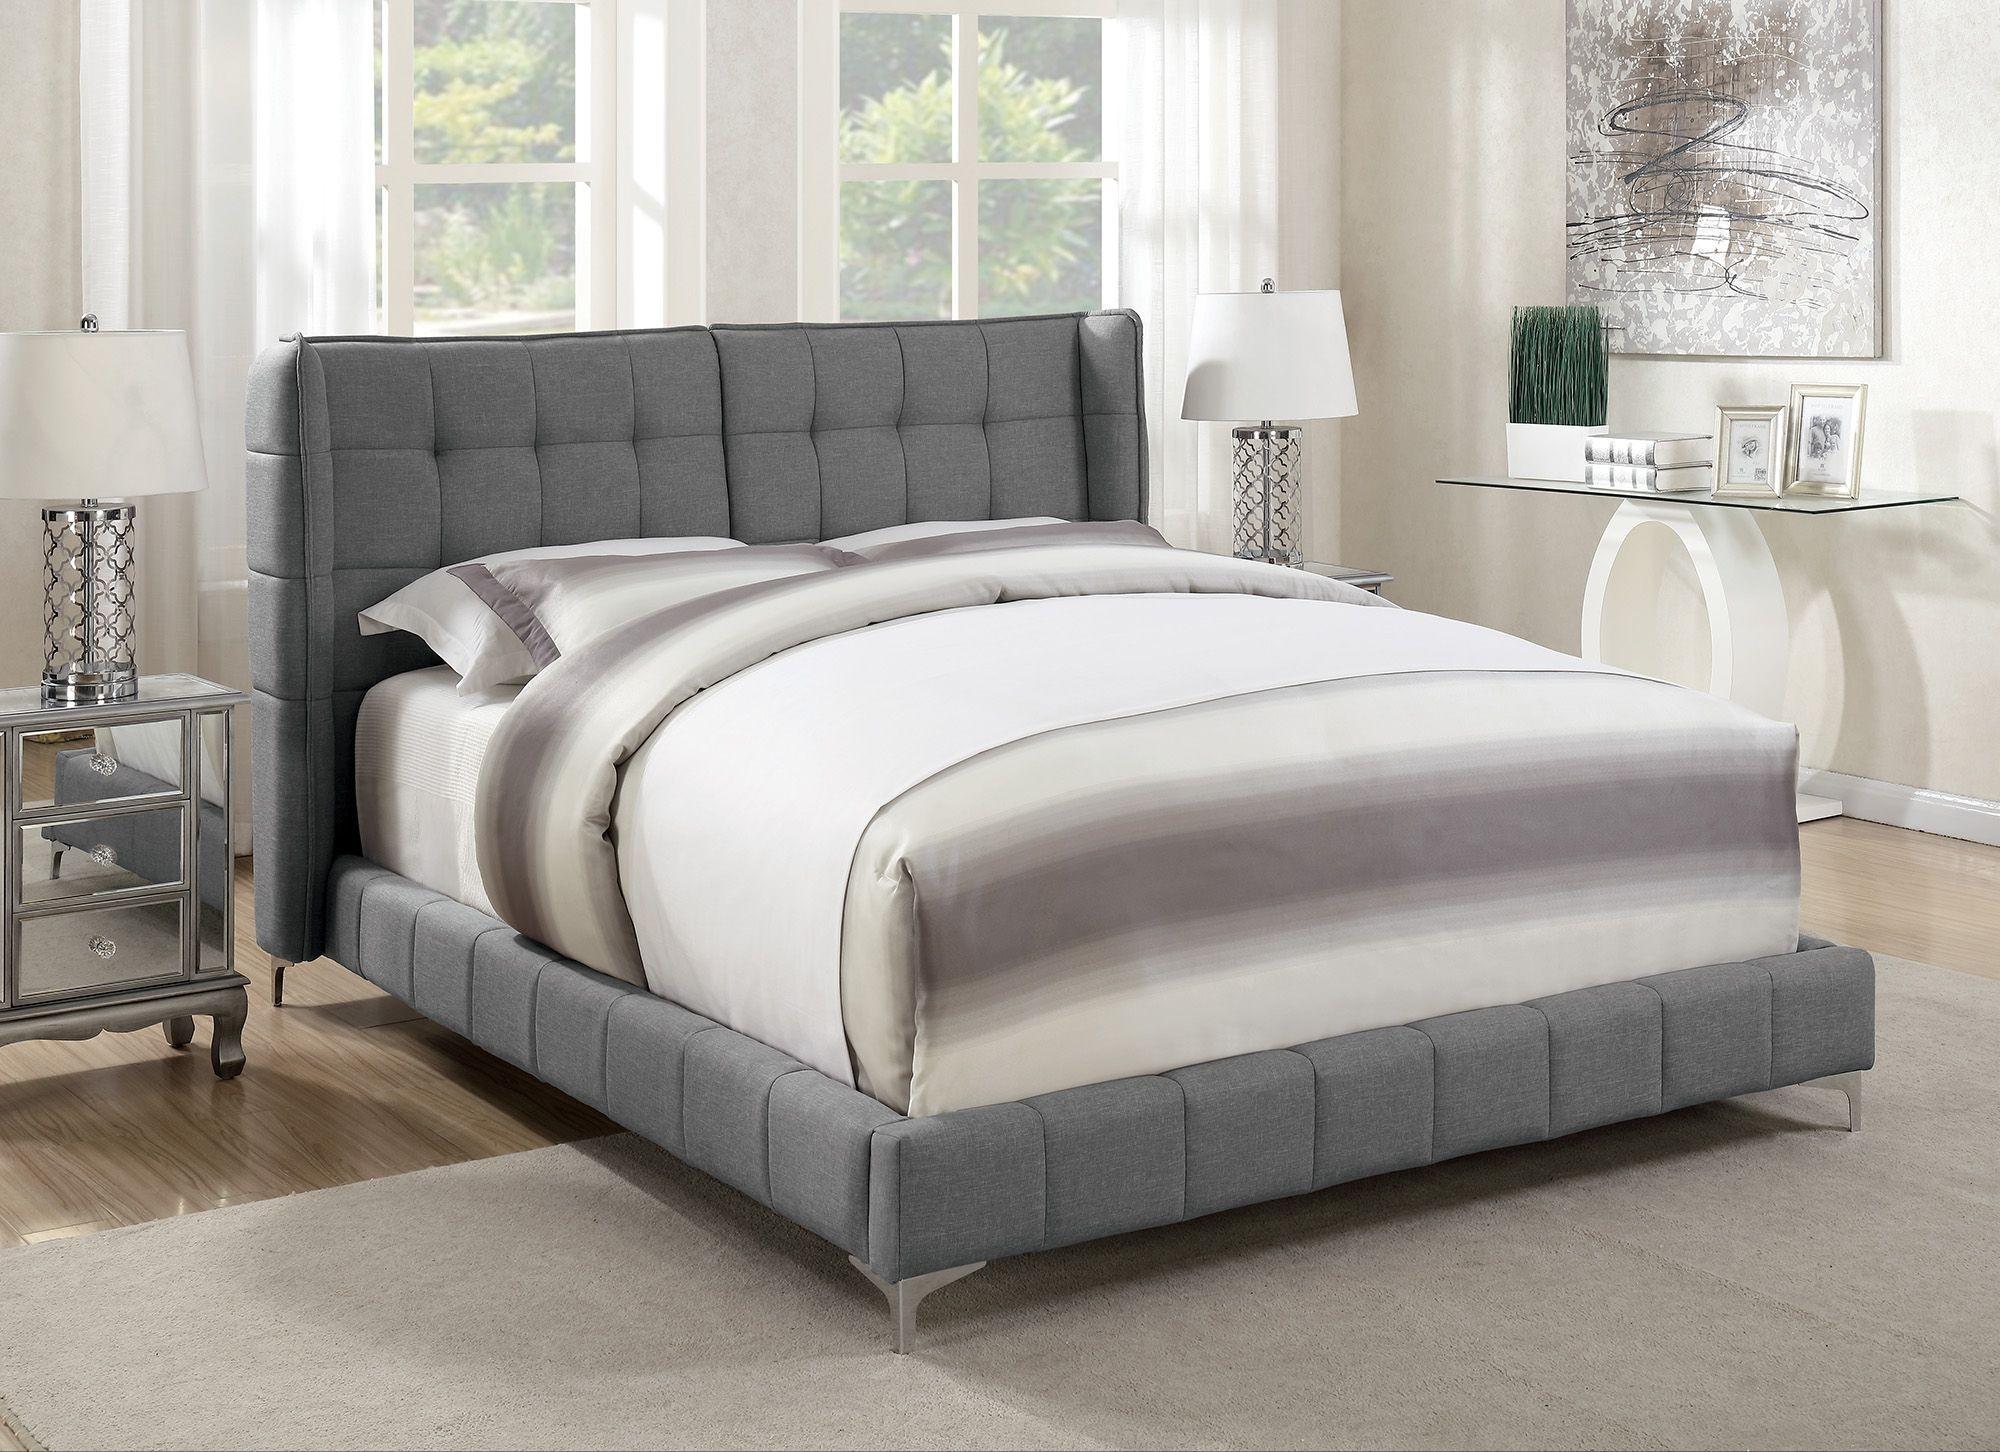 Goleta Light Gray King Upholstered Platform Bed From